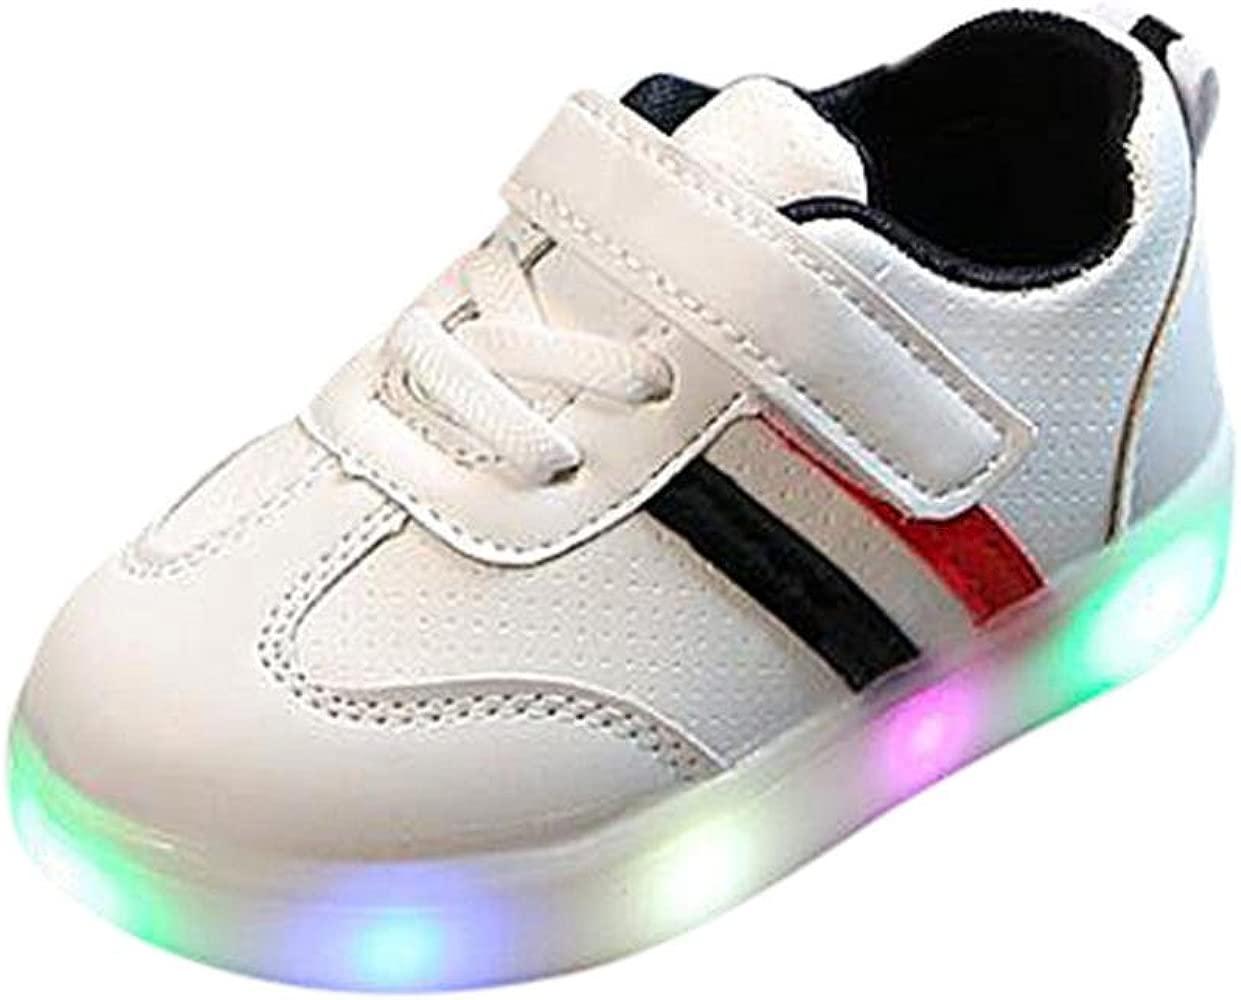 LED Zapatos de Verano Xinantime Zapatillas Deportivas para niños Toddler Kids Zapatos de niña Baby Girls Flower Zapatillas Luminosas LED con Zapatos ...